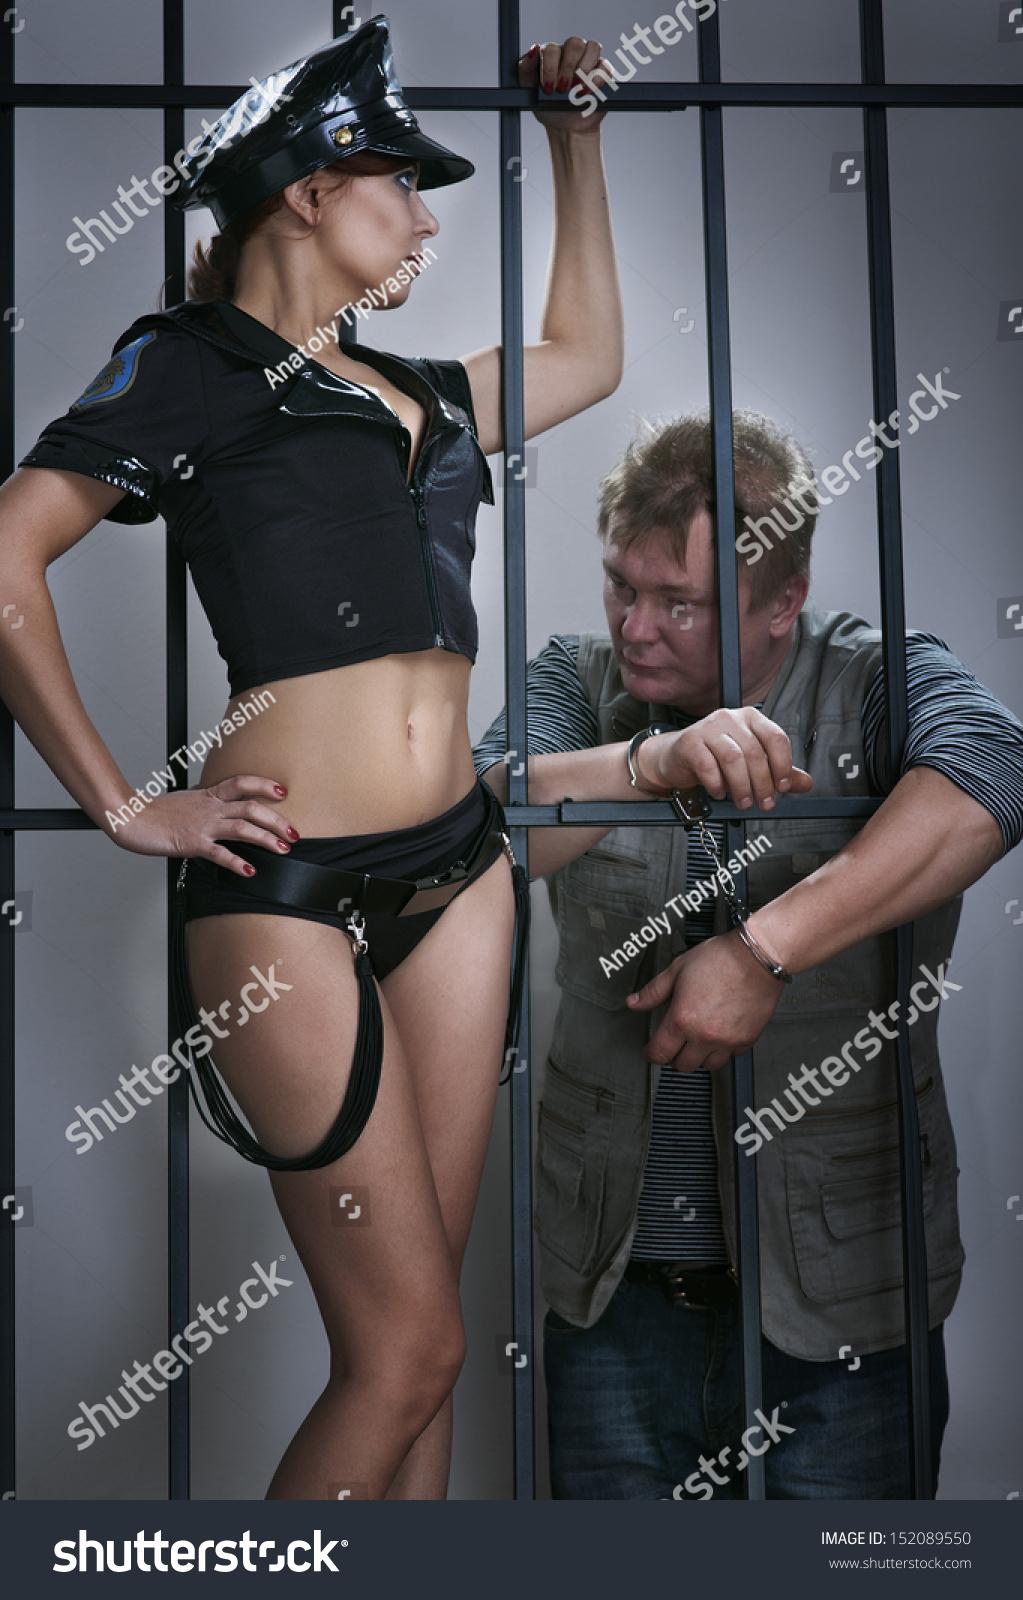 tumblr hot nude women